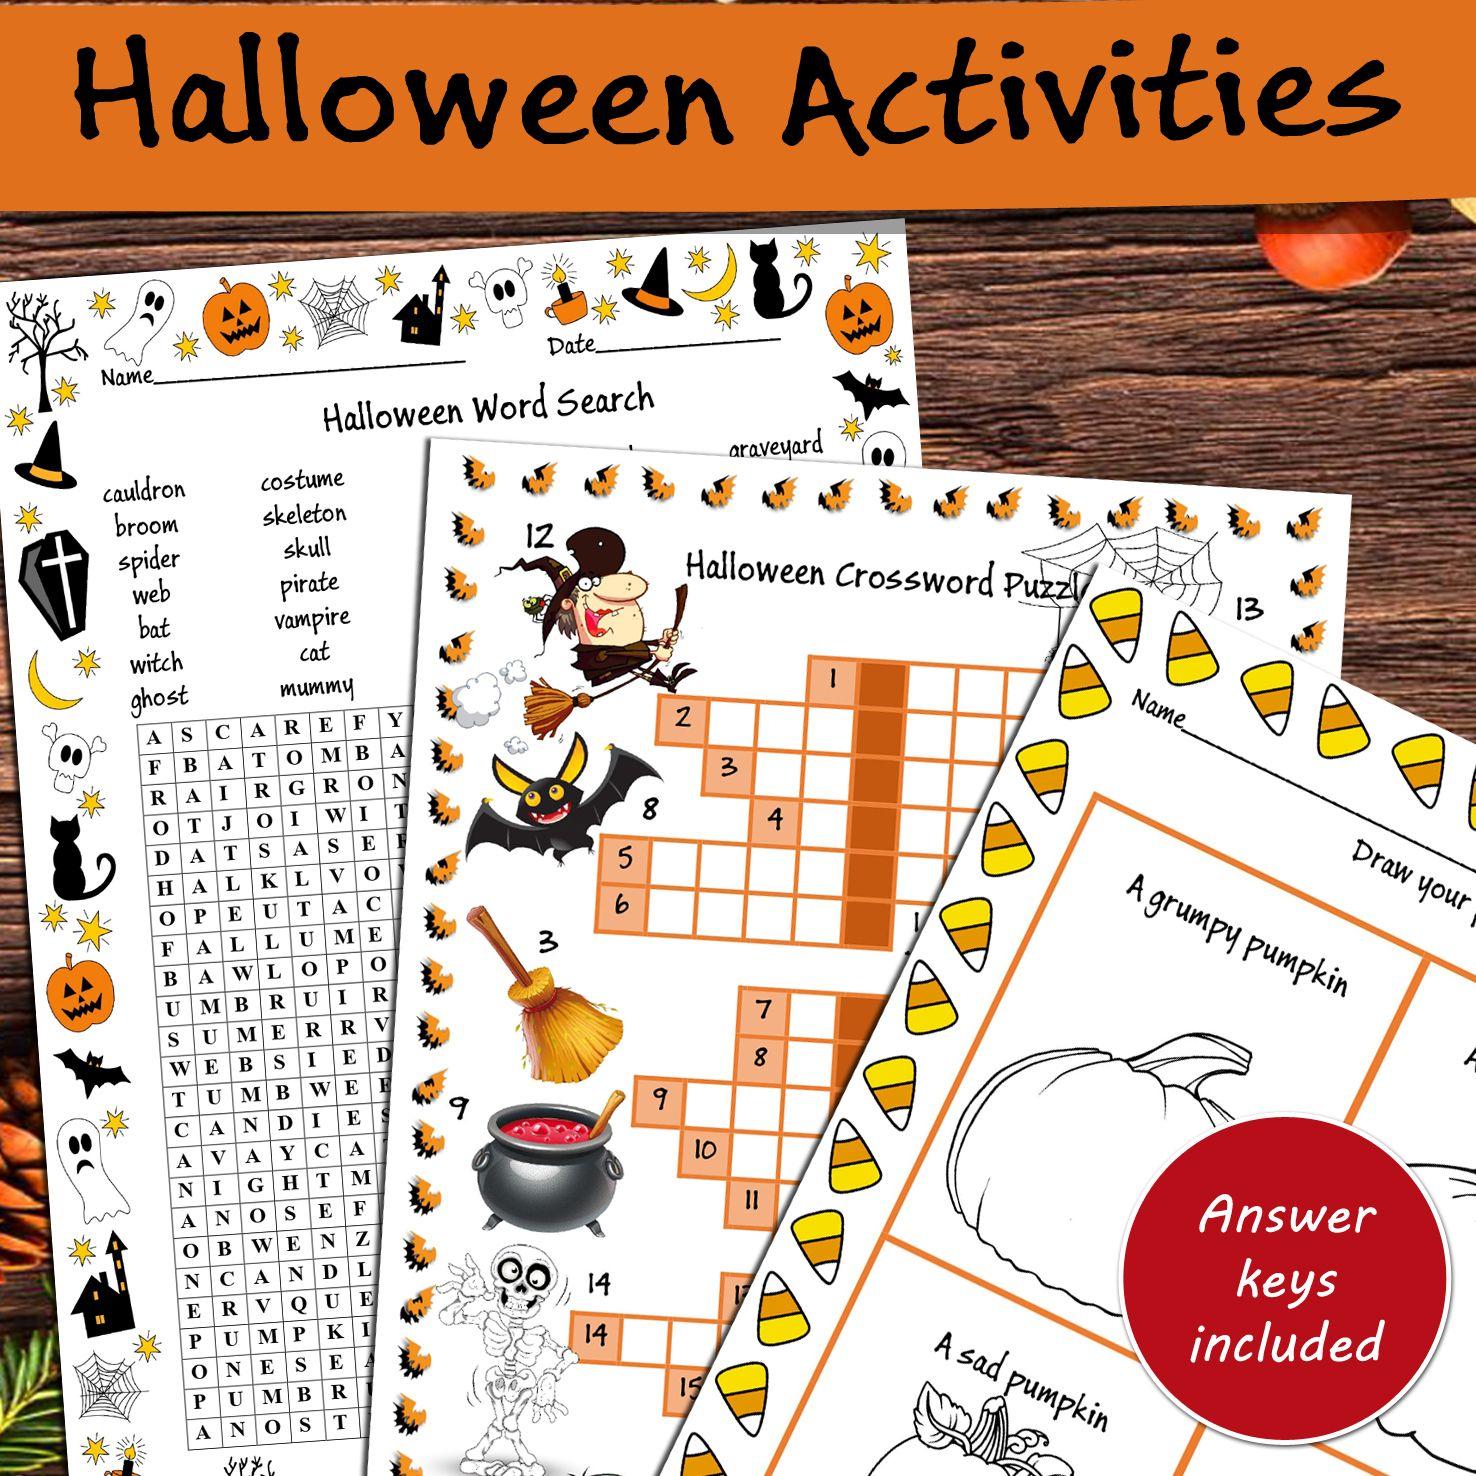 Halloween Activities Wordsearch Crossword Puzzle Word Search